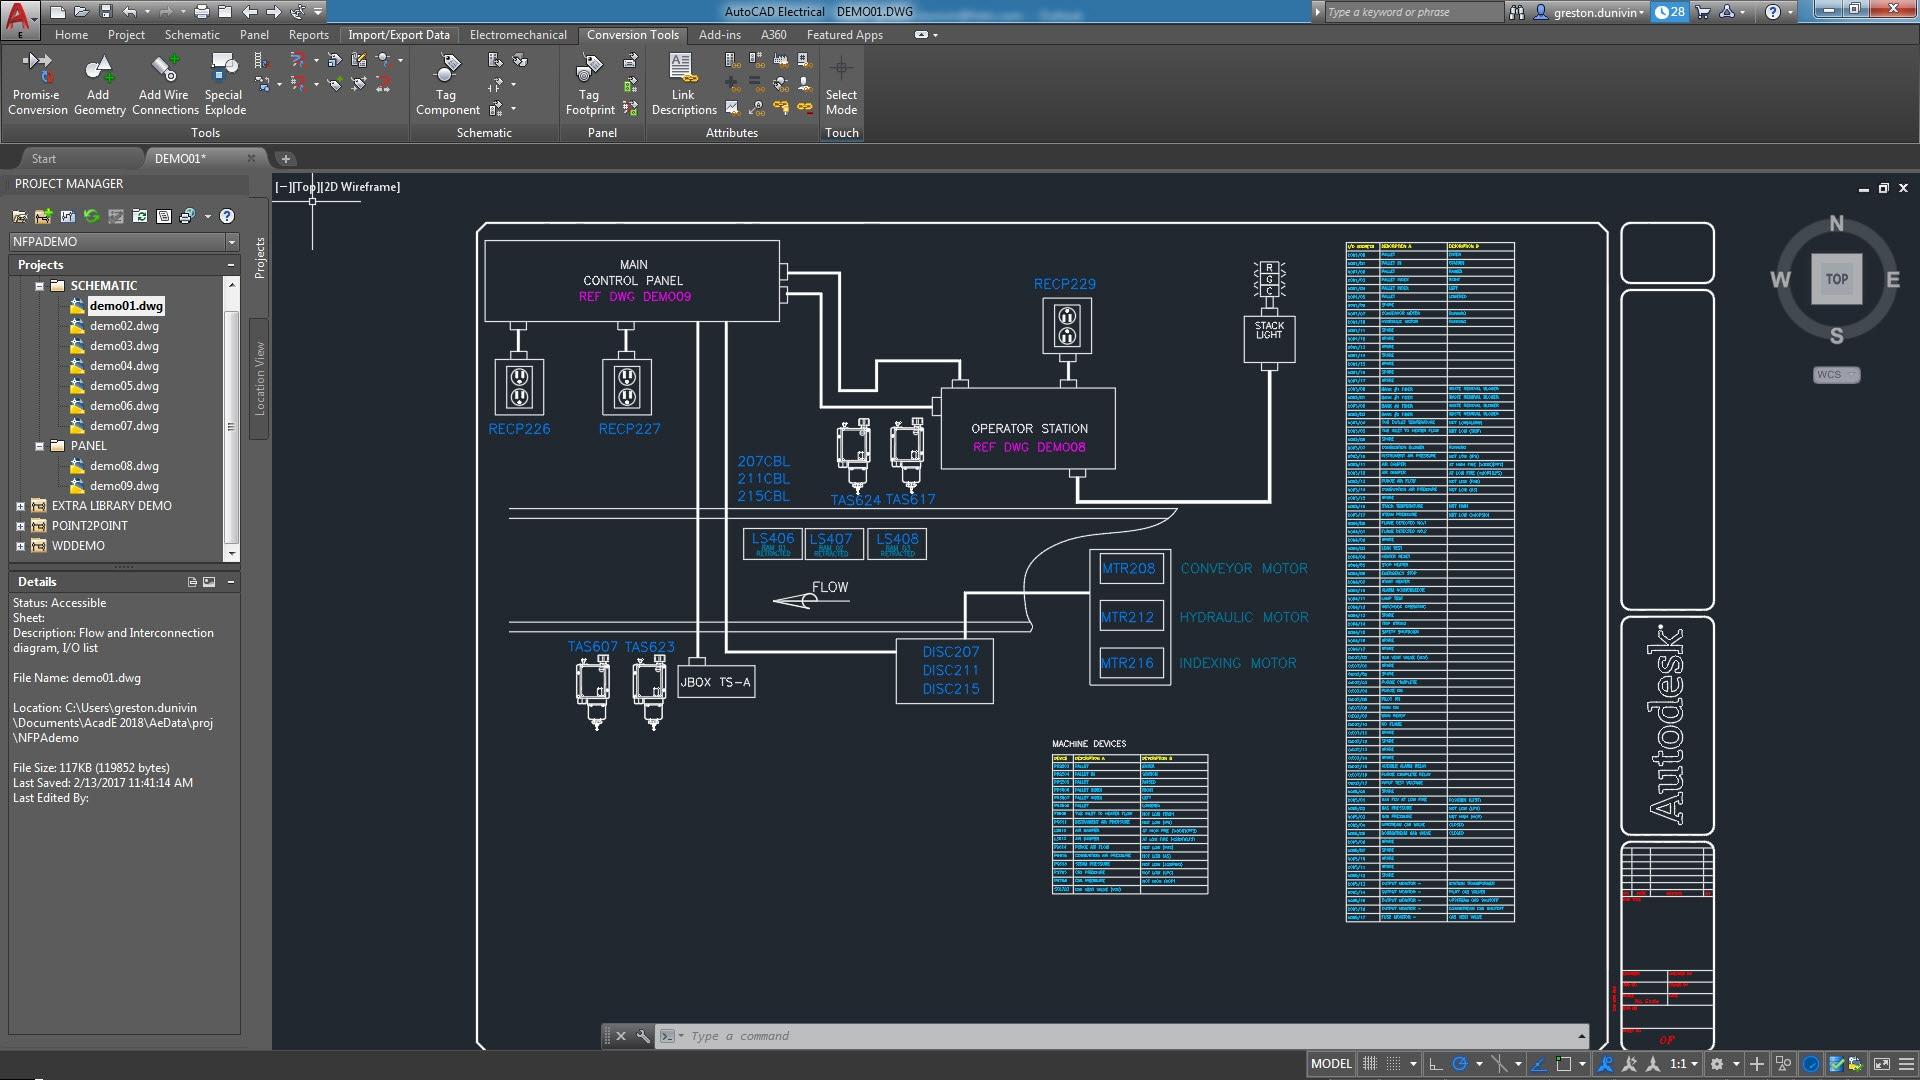 Conjunto de herramientas AutoCAD Electrical | Software de diseño eléctrico | Autodesk